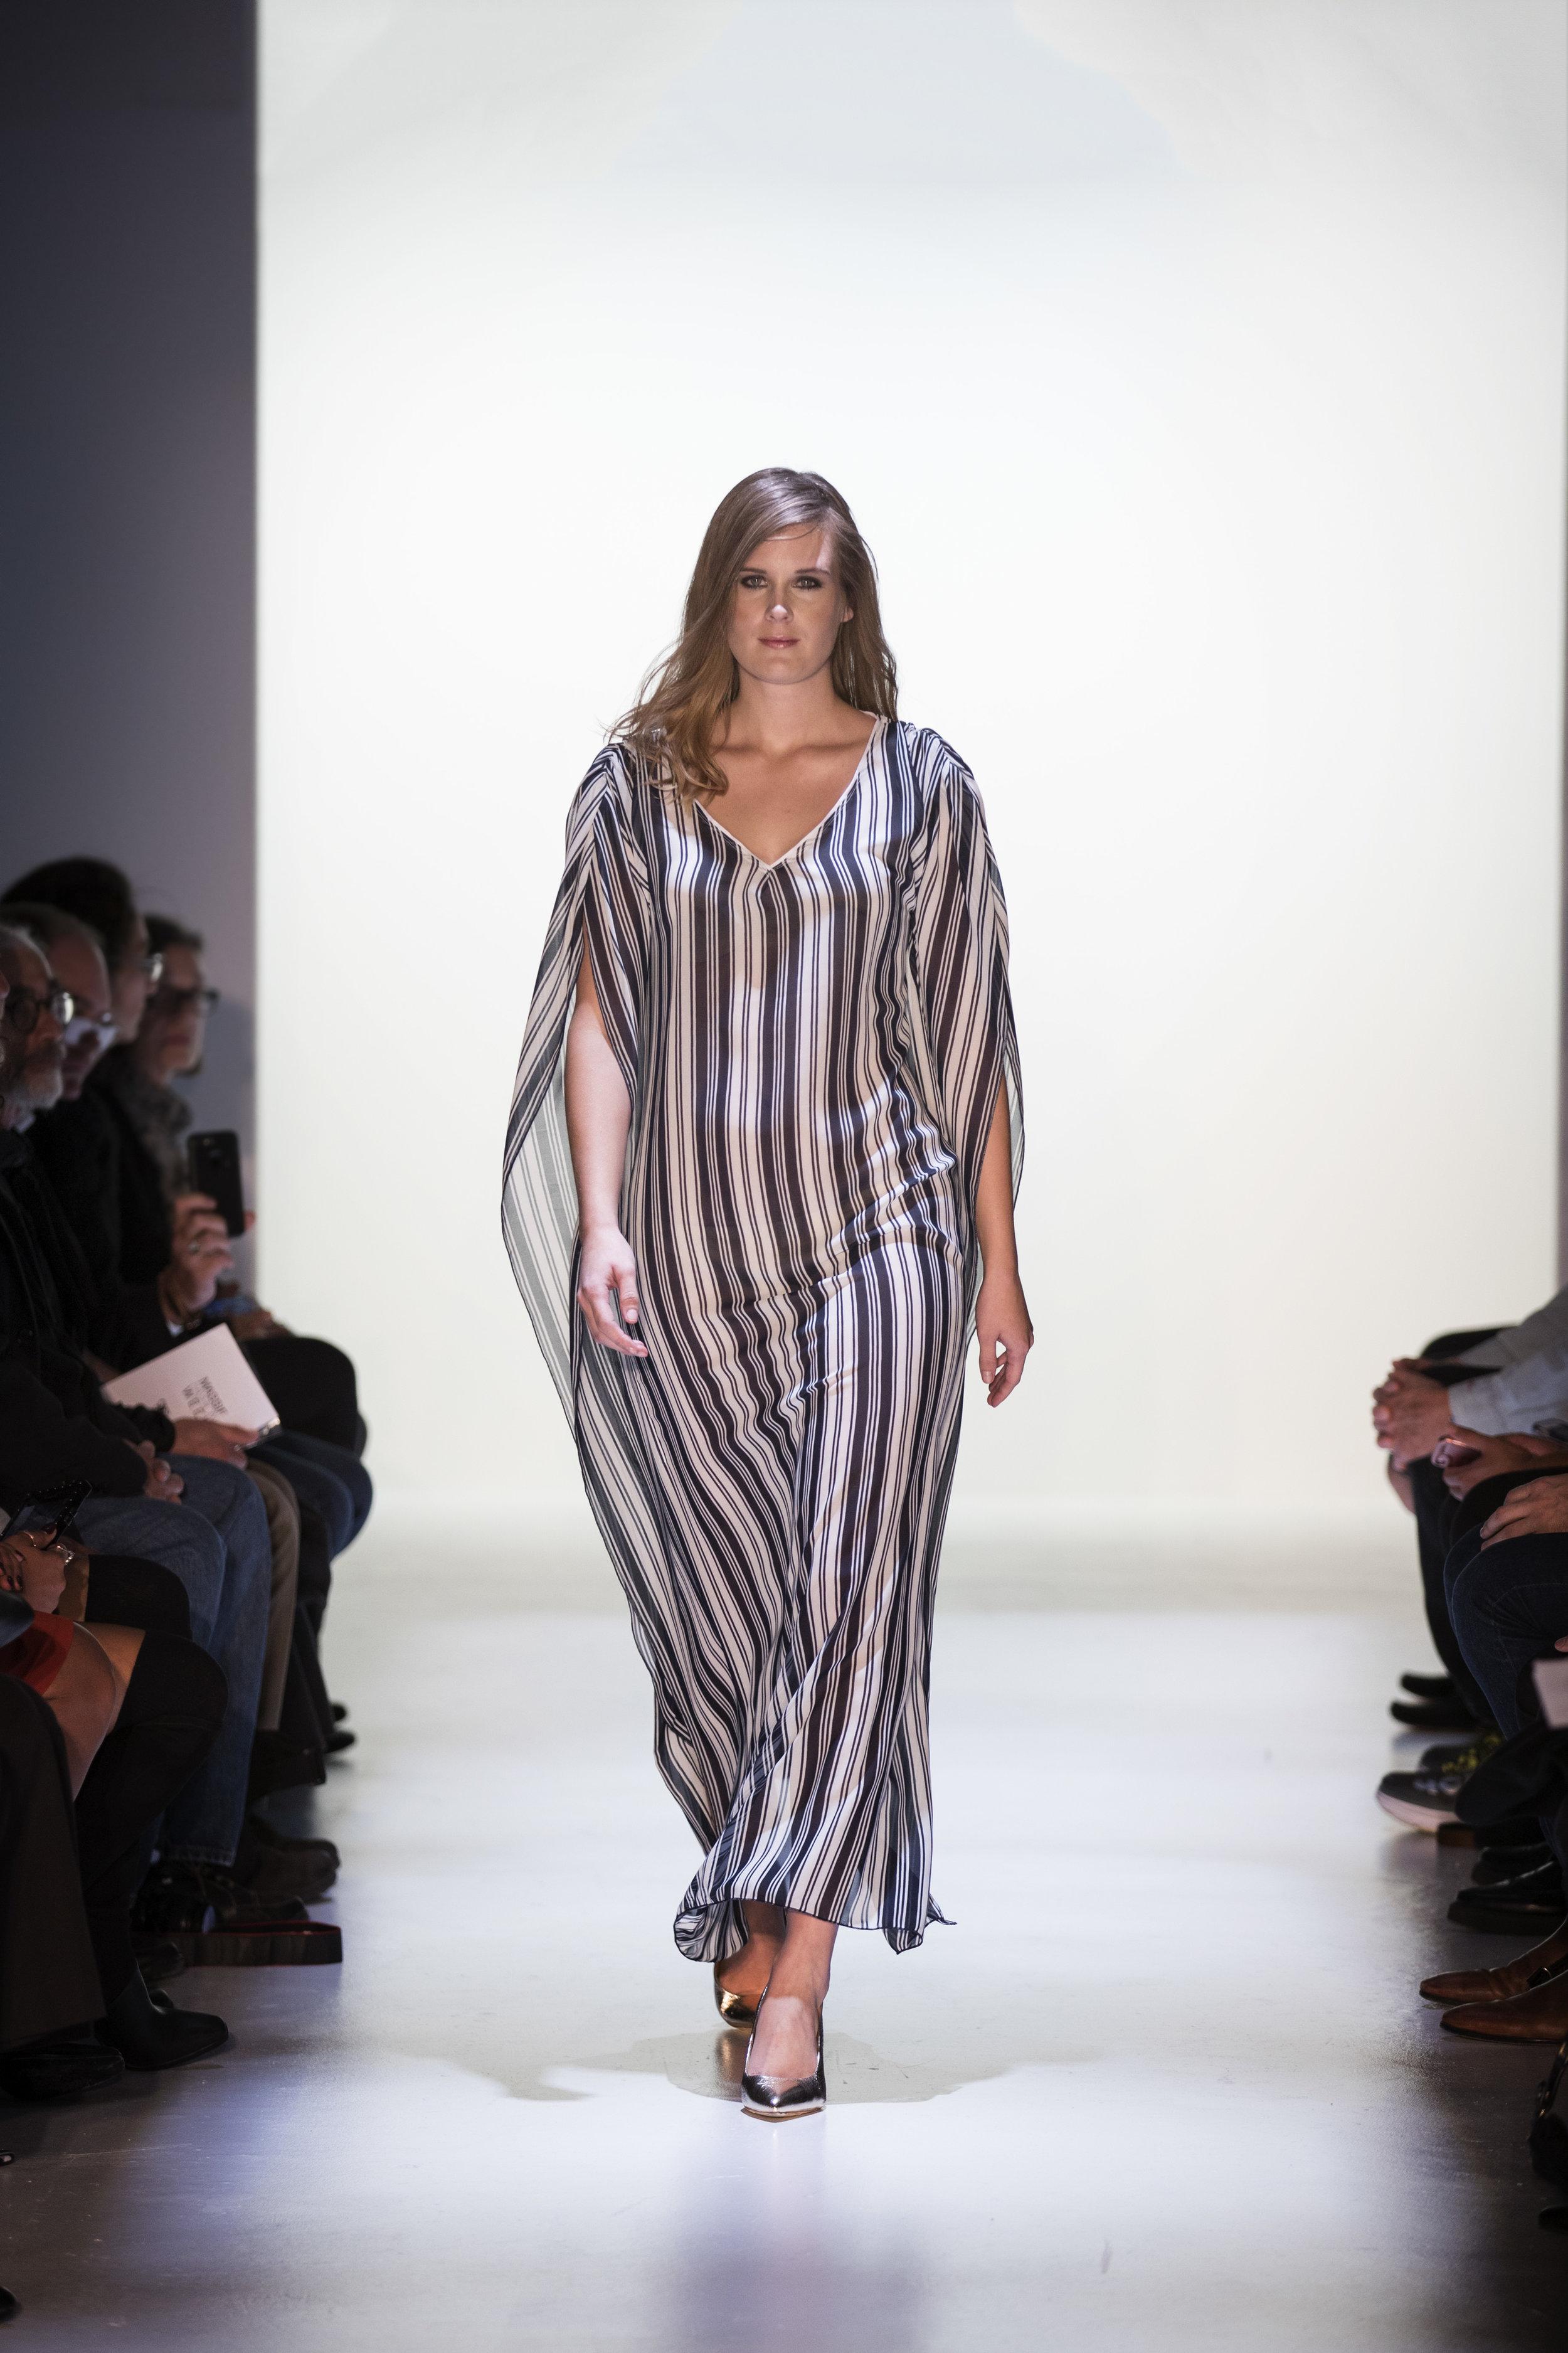 Massif Fashion Week 2017 Day 3 Stephanie Carlson - 027.jpg